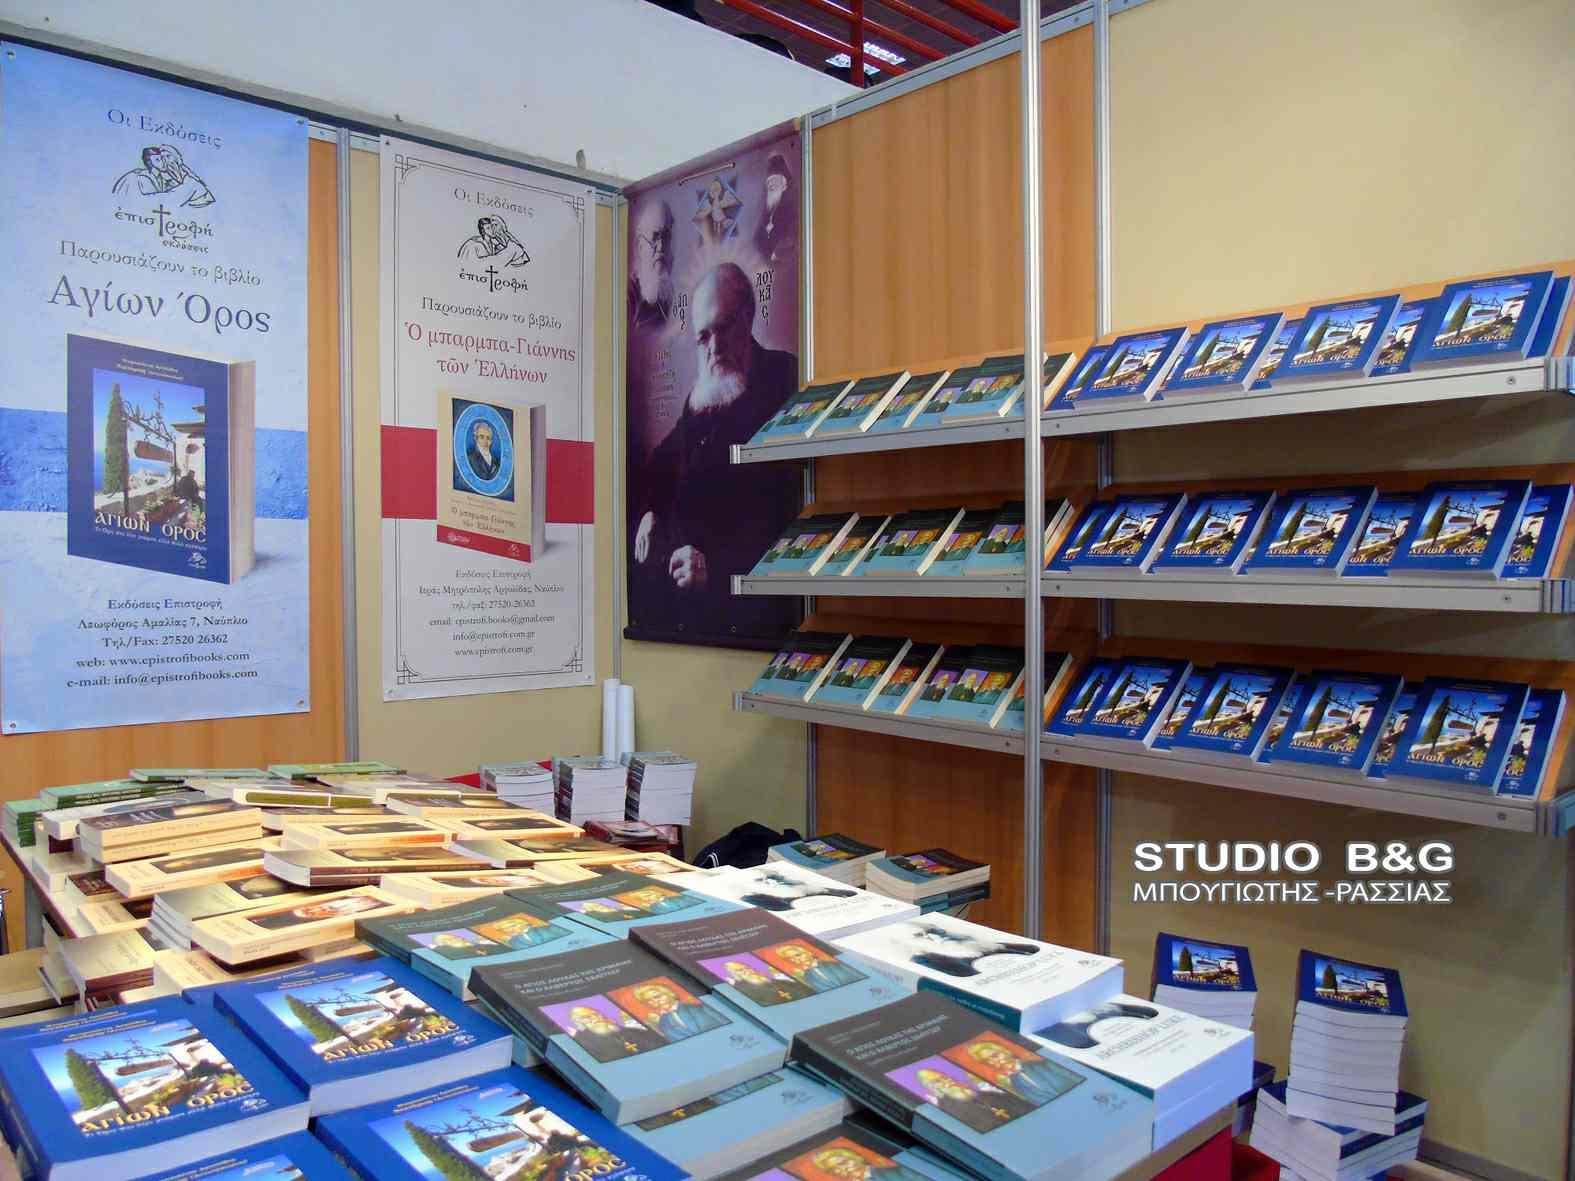 Ο Μητροπολίτης Αργολίδος στην 14η Διεθνή Έκθεση Βιβλίου Θεσσαλονίκης